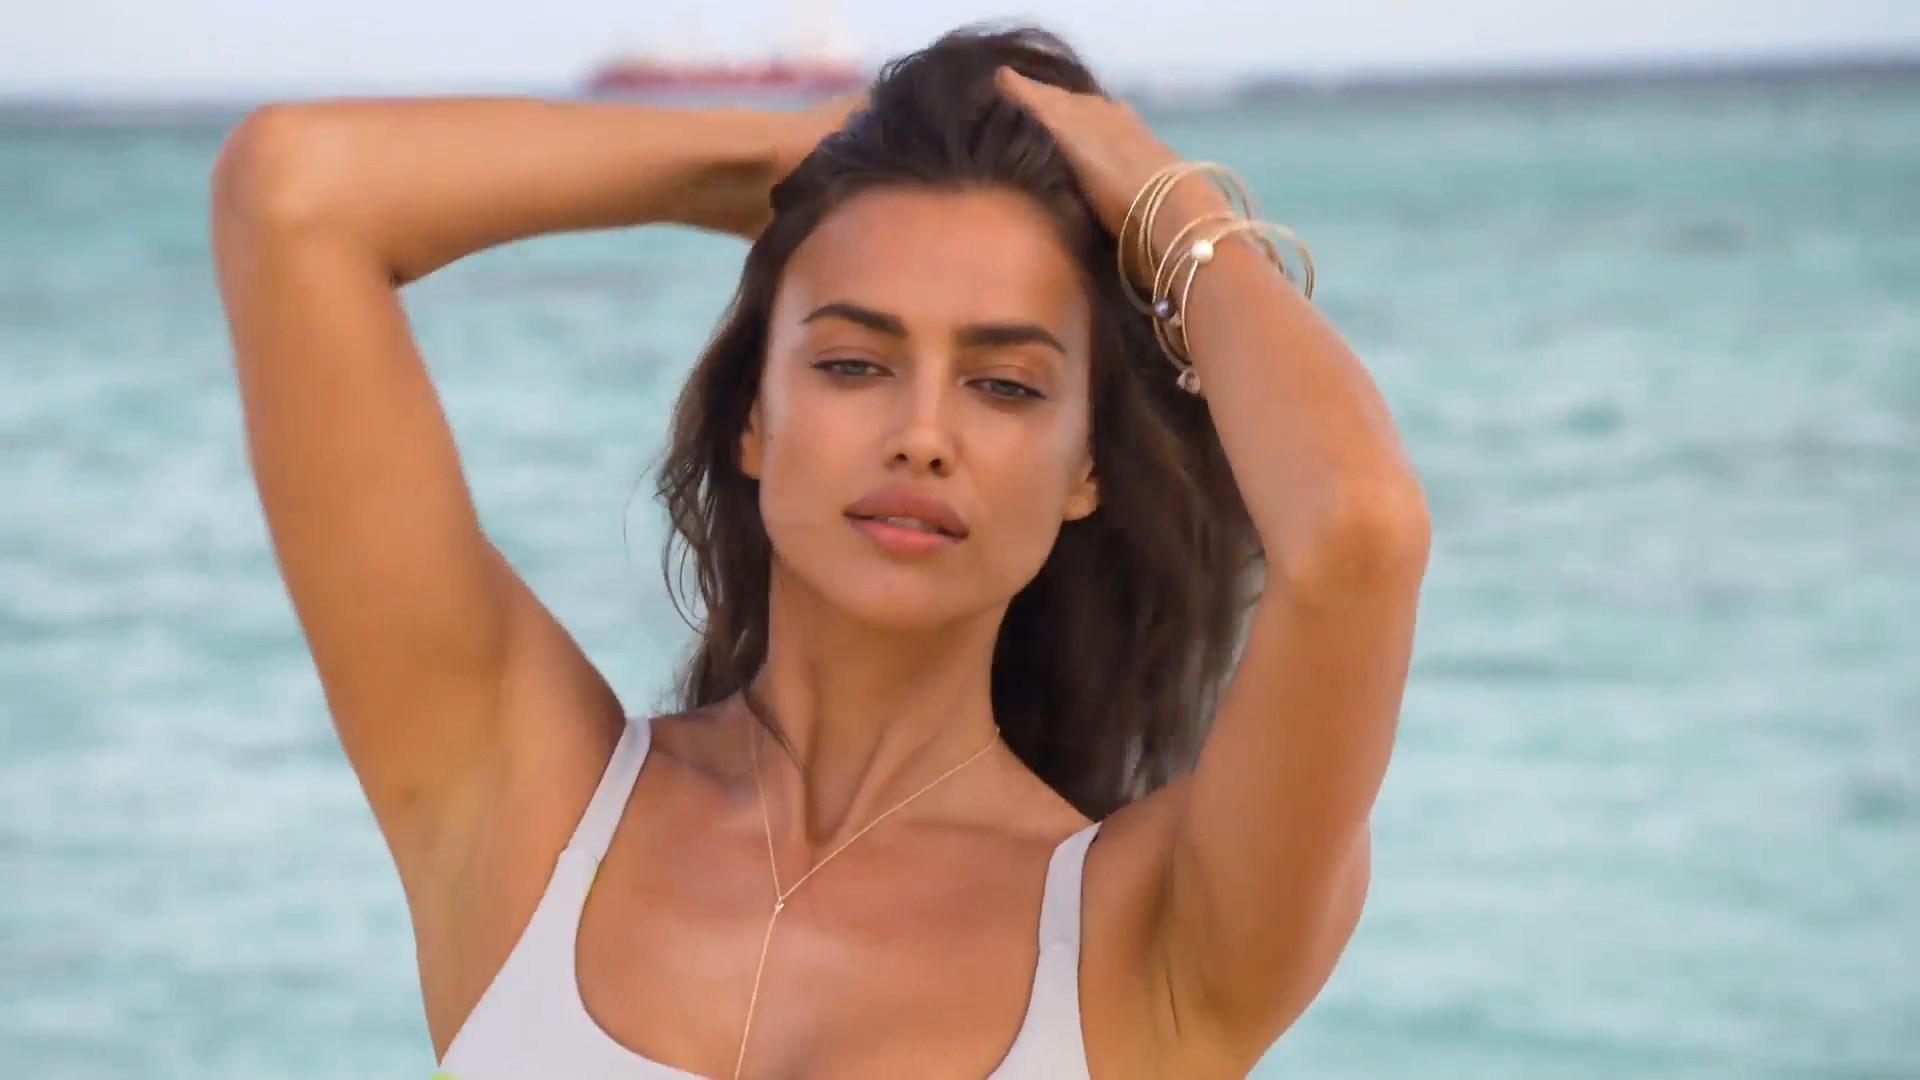 Irina Shayk boobs